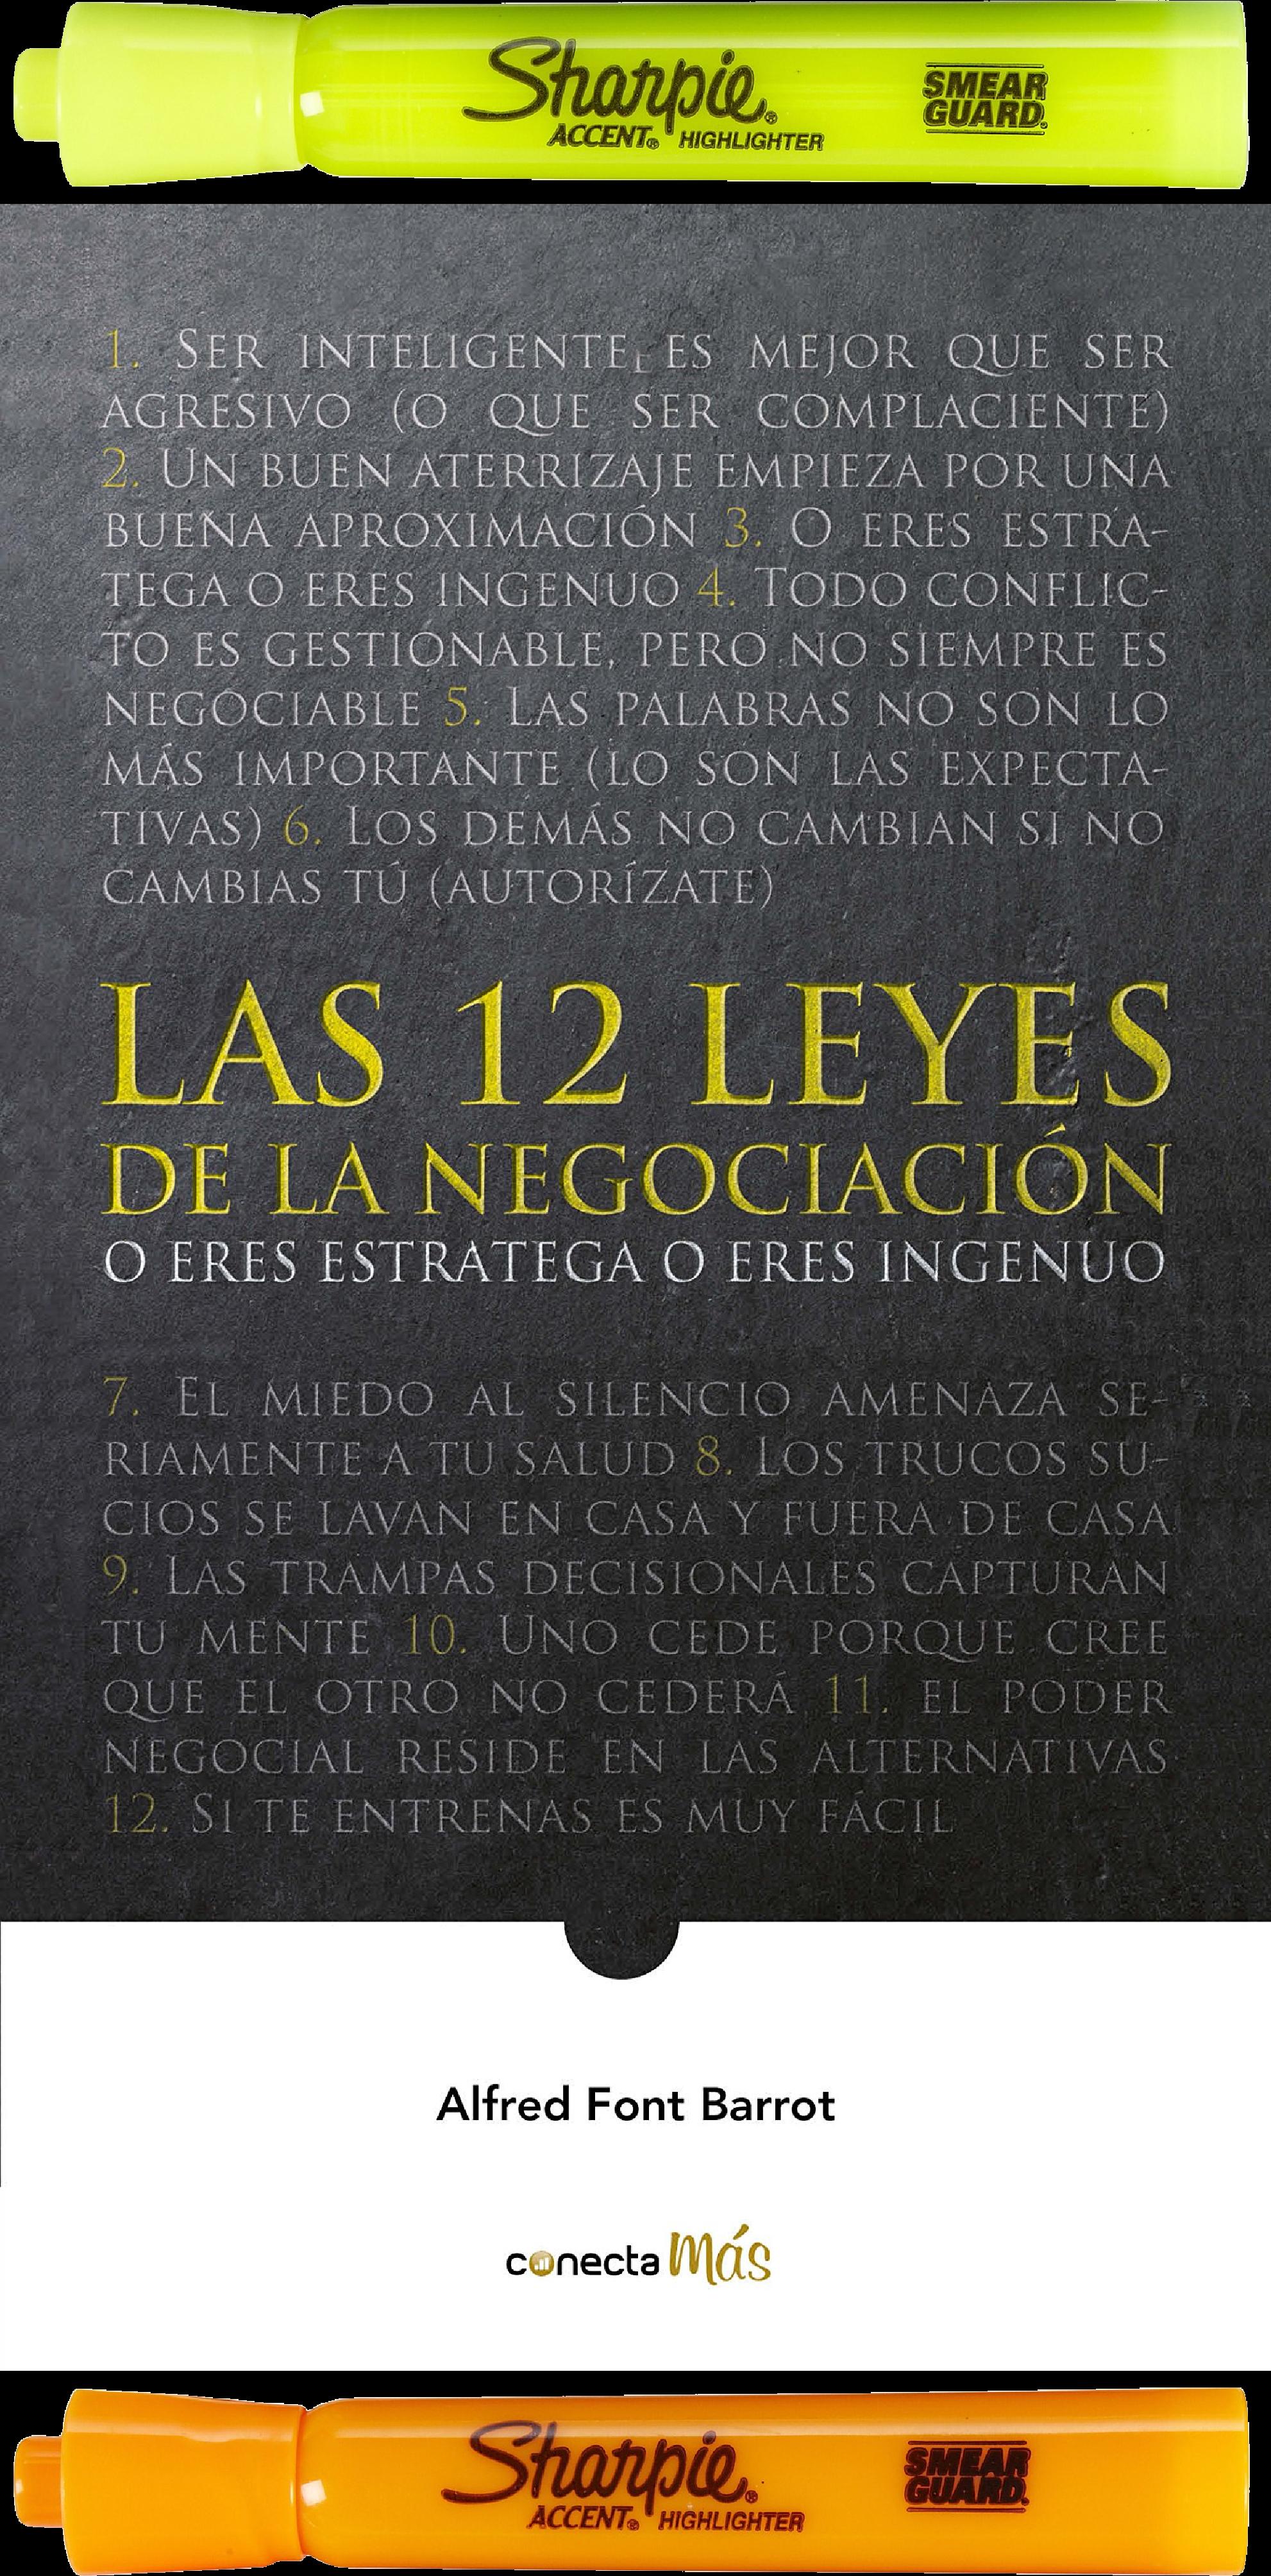 Las 12 Leyes De La Negociación Alfred Font Barrot Libros De Motivación Libros De Negocios Consejos De Finanzas